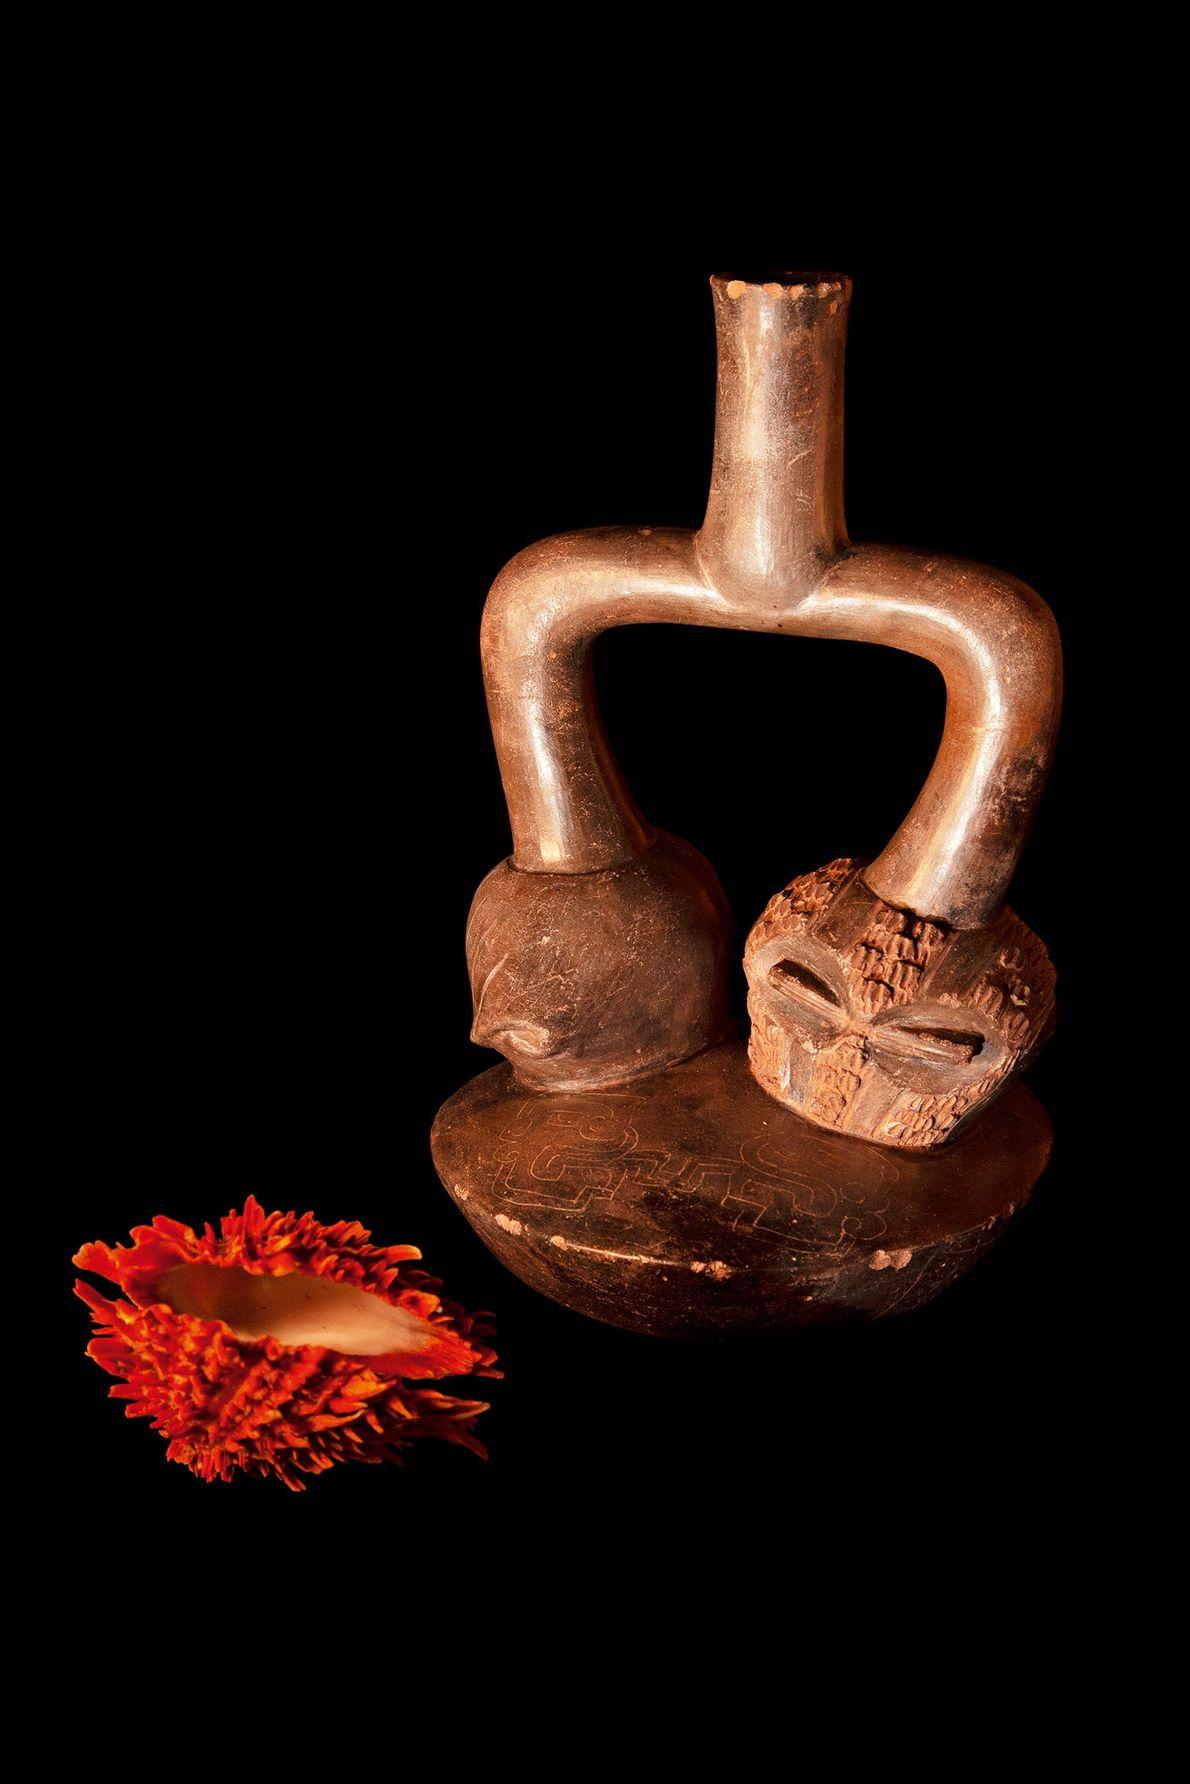 Garrafa com corpo troncônico e desenhos da cultura chavin (1200-200 a.C.), encontrada no norte do Peru. ...